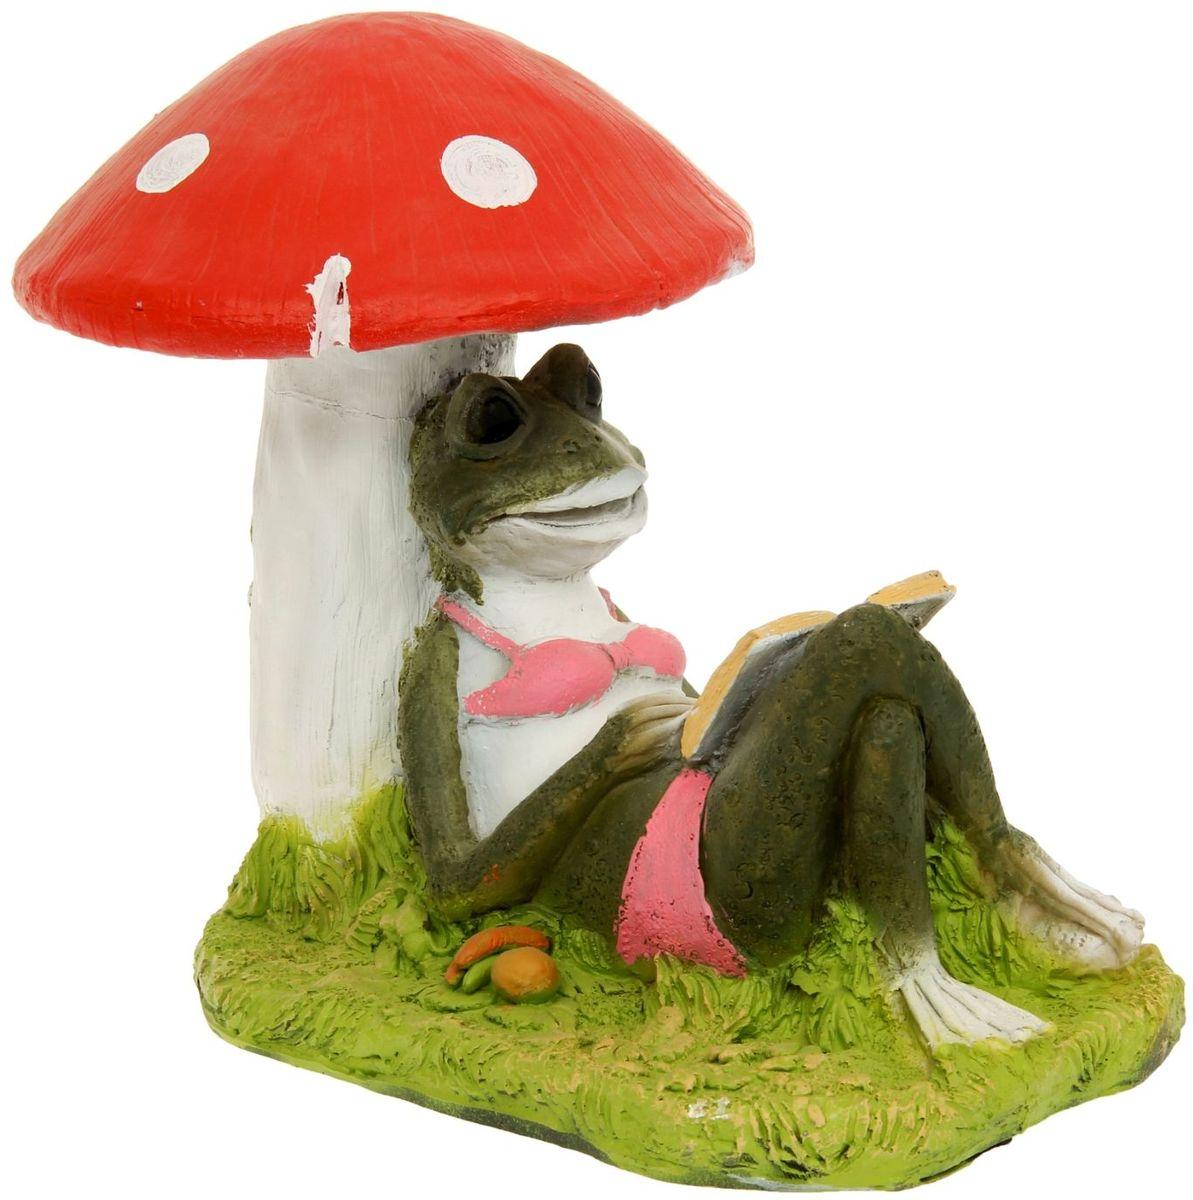 Фигура садовая Лягушка под грибом с книжкой, 25 х 45 х 35 см1126902Создайте настроение в любимом саду: украсьте его оригинальным декором - садовой фигурой. Представители фауны разнообразят ландшафт. Сделайте свой сад неповторимым. Забавные лягушки добавят новые краски в ландшафт сада. Красочная садовая фигура легко расставит нужные акценты: приманит взор к водоёму или привлечёт внимание к цветочной клумбе. Садовая фигура из полистоуна (искусственного камня) - оптимальное решение для уличных условий. Этот материал не выцветает на солнце, даже если находится под воздействием ультрафиолета круглый год. Искусственный камень имеет низкую пористость, поэтому ему не страшна влага и на нём не появятся трещины. Садовая фигура будет хранить красоту сада долгие годы.